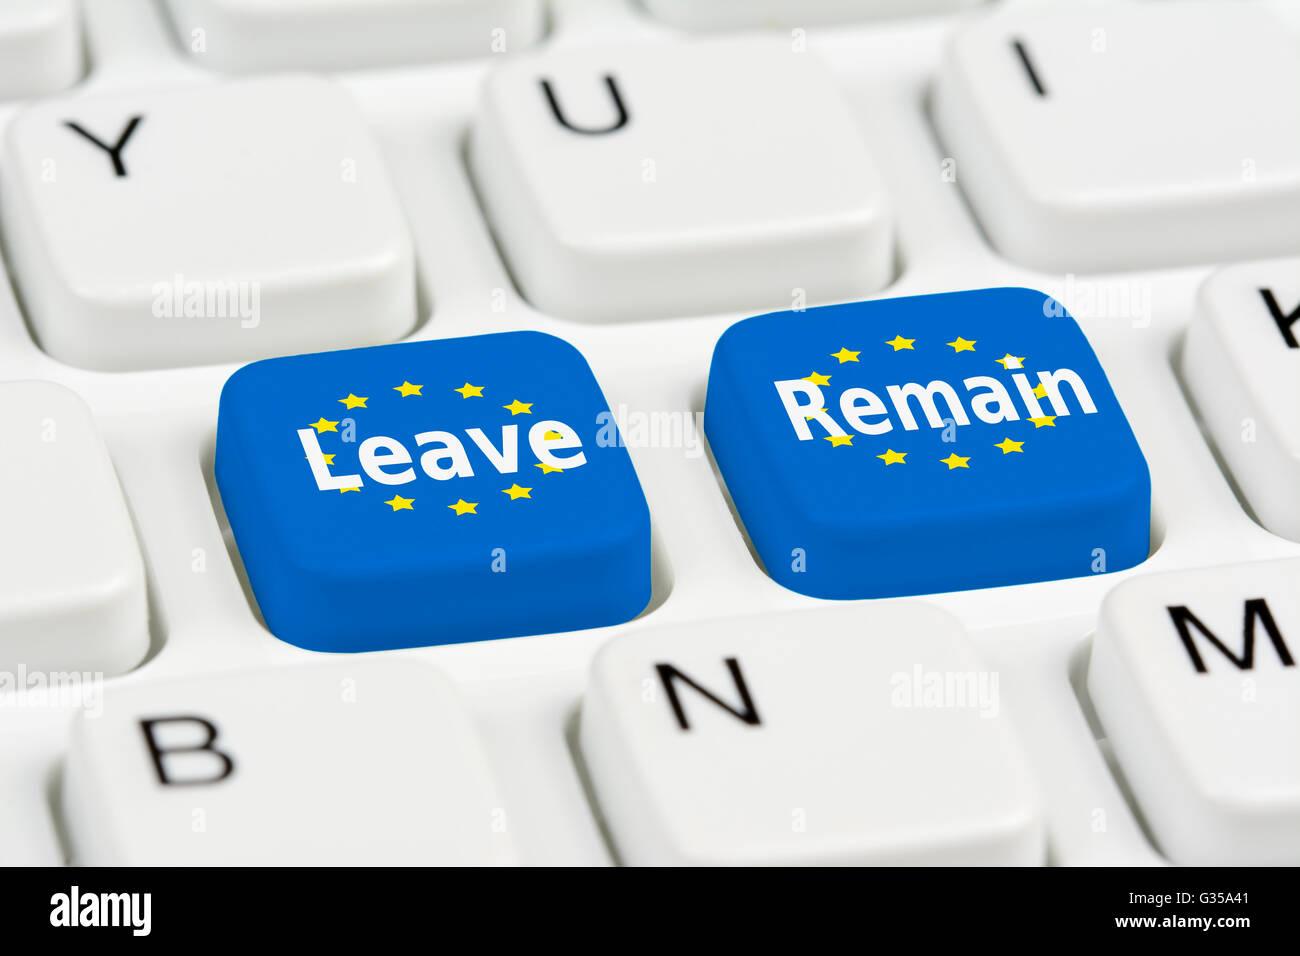 Brexit voter concept. Quitter l'UE ou rester boutons sur le clavier d'un ordinateur. Brexit vote. Référendum Photo Stock